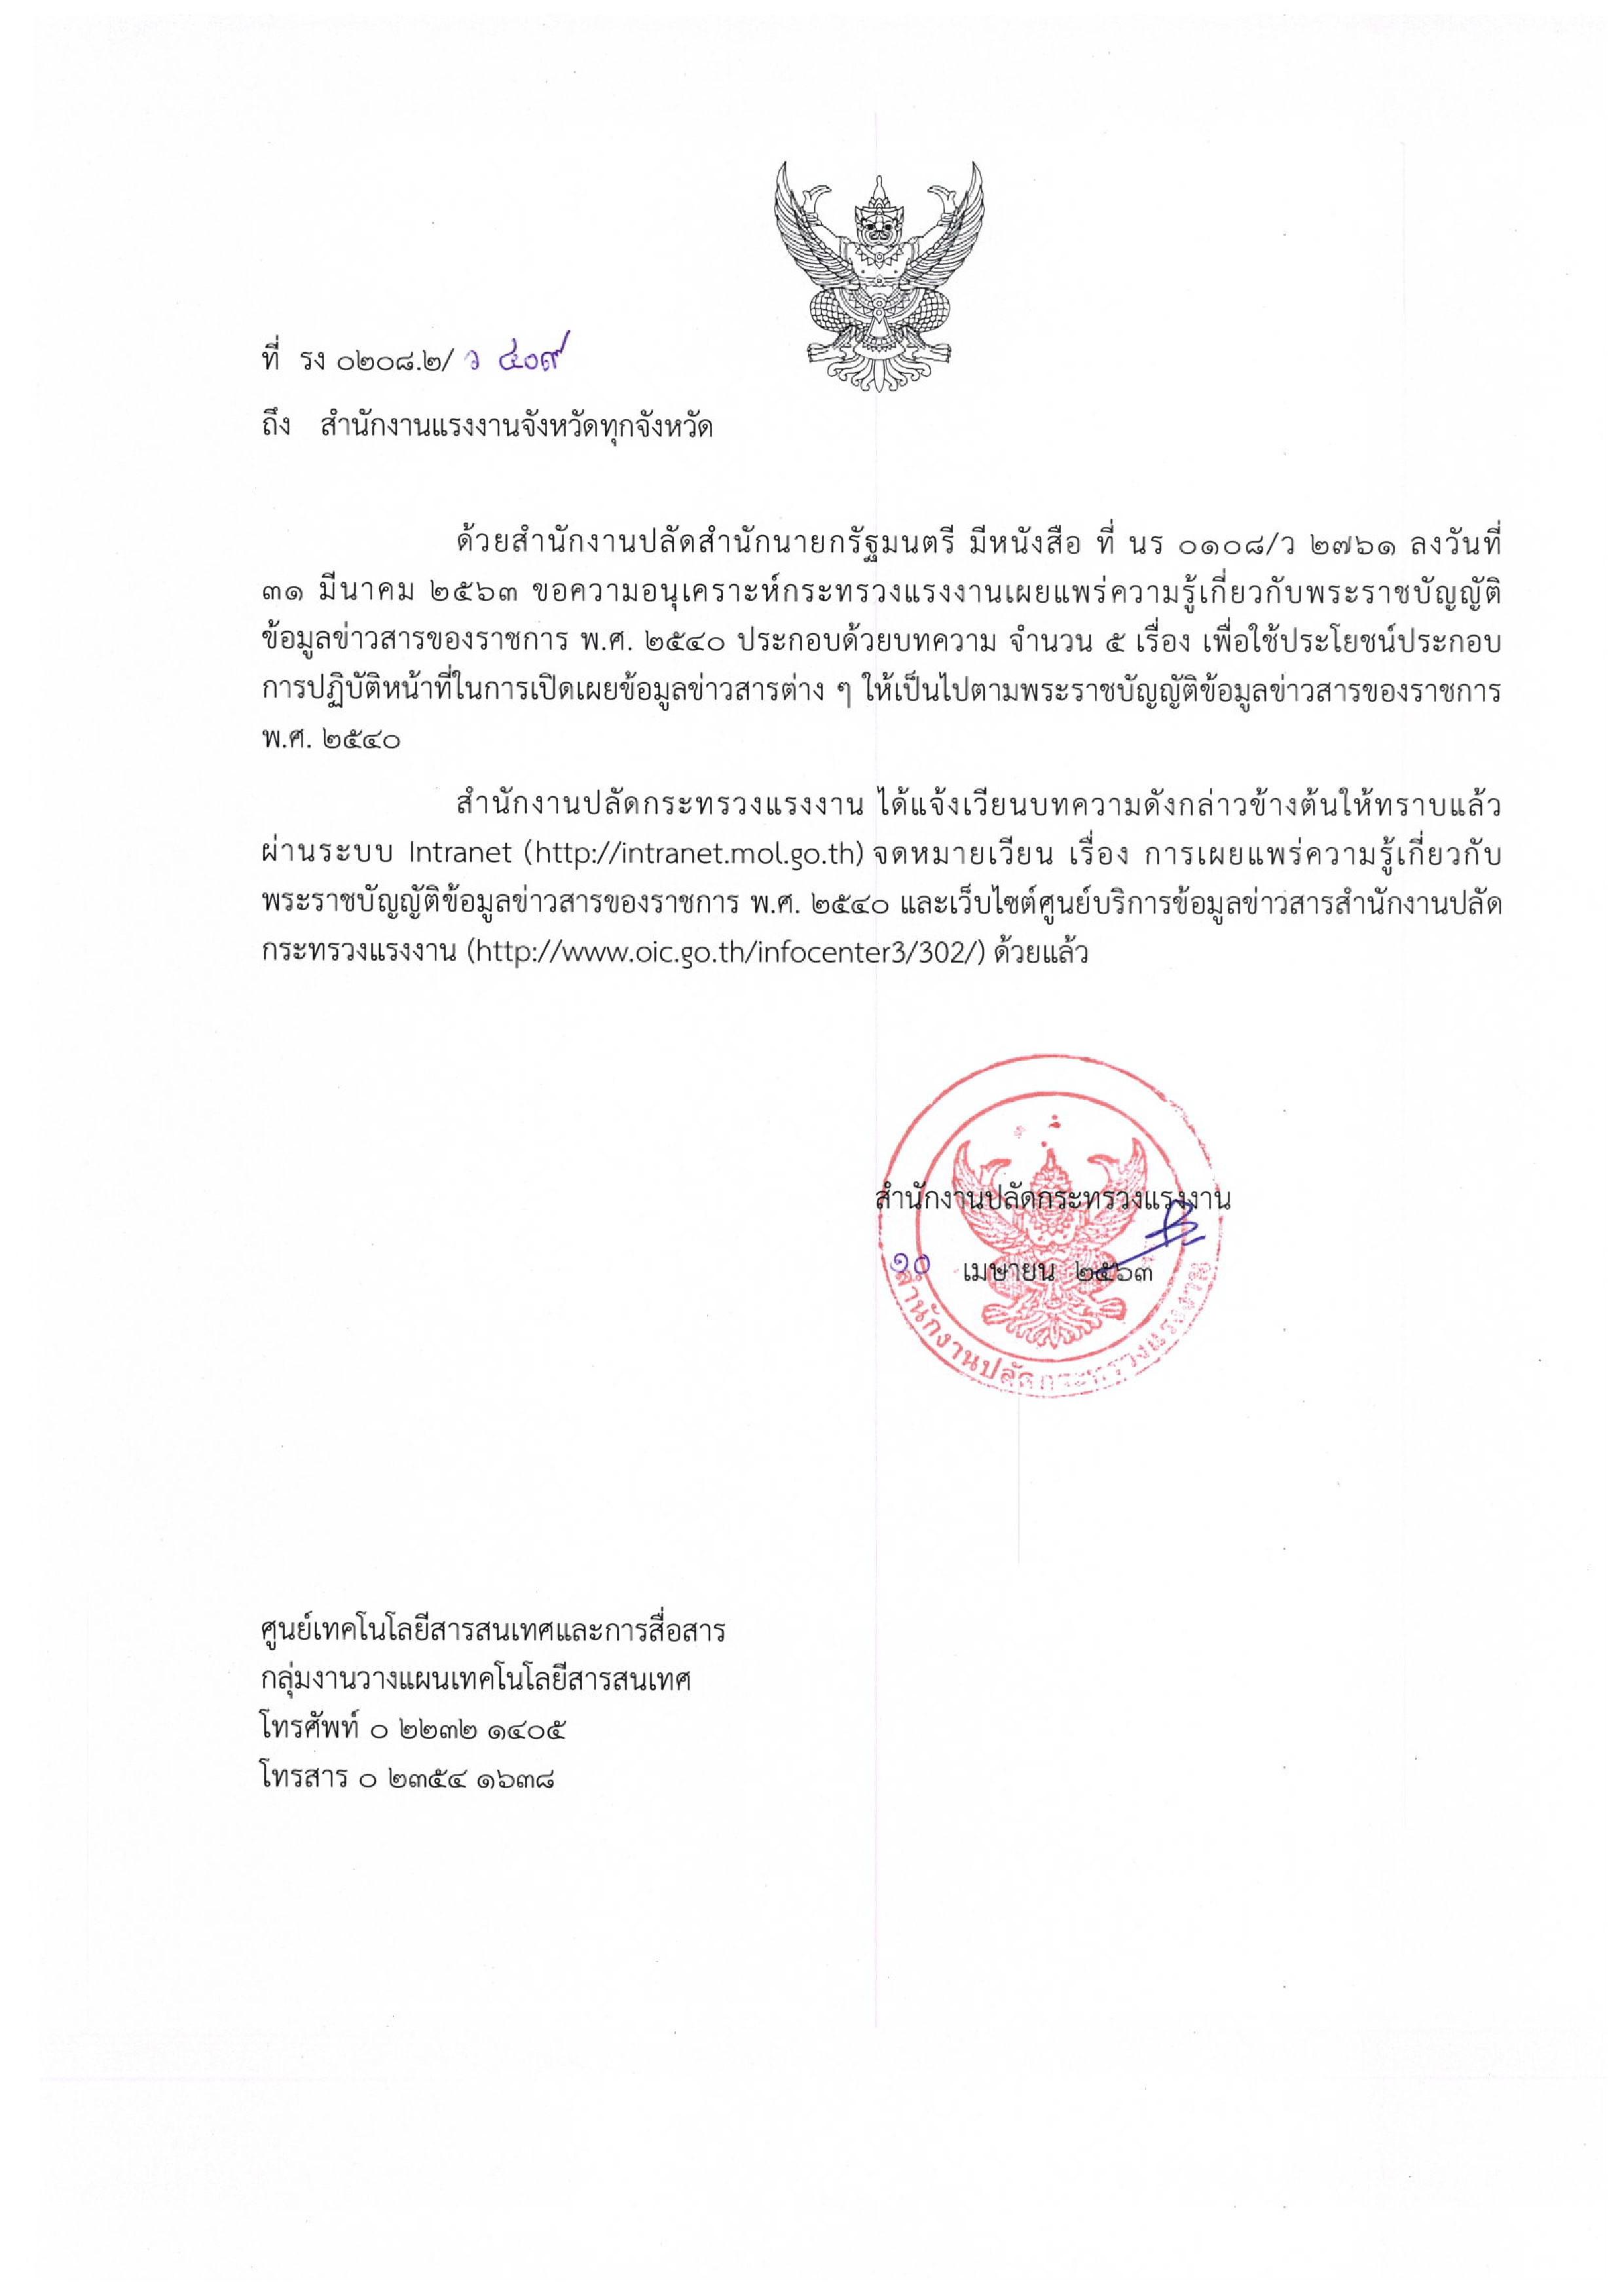 การเผยแพร่ความรู้เกี่ยวกับพระราชบัญญัติข้อมูลข่าวสารของราชการ พ.ศ. 2540 (นร 0108/ว 2761 ลงวันที่ 10 เมษายน 2563)